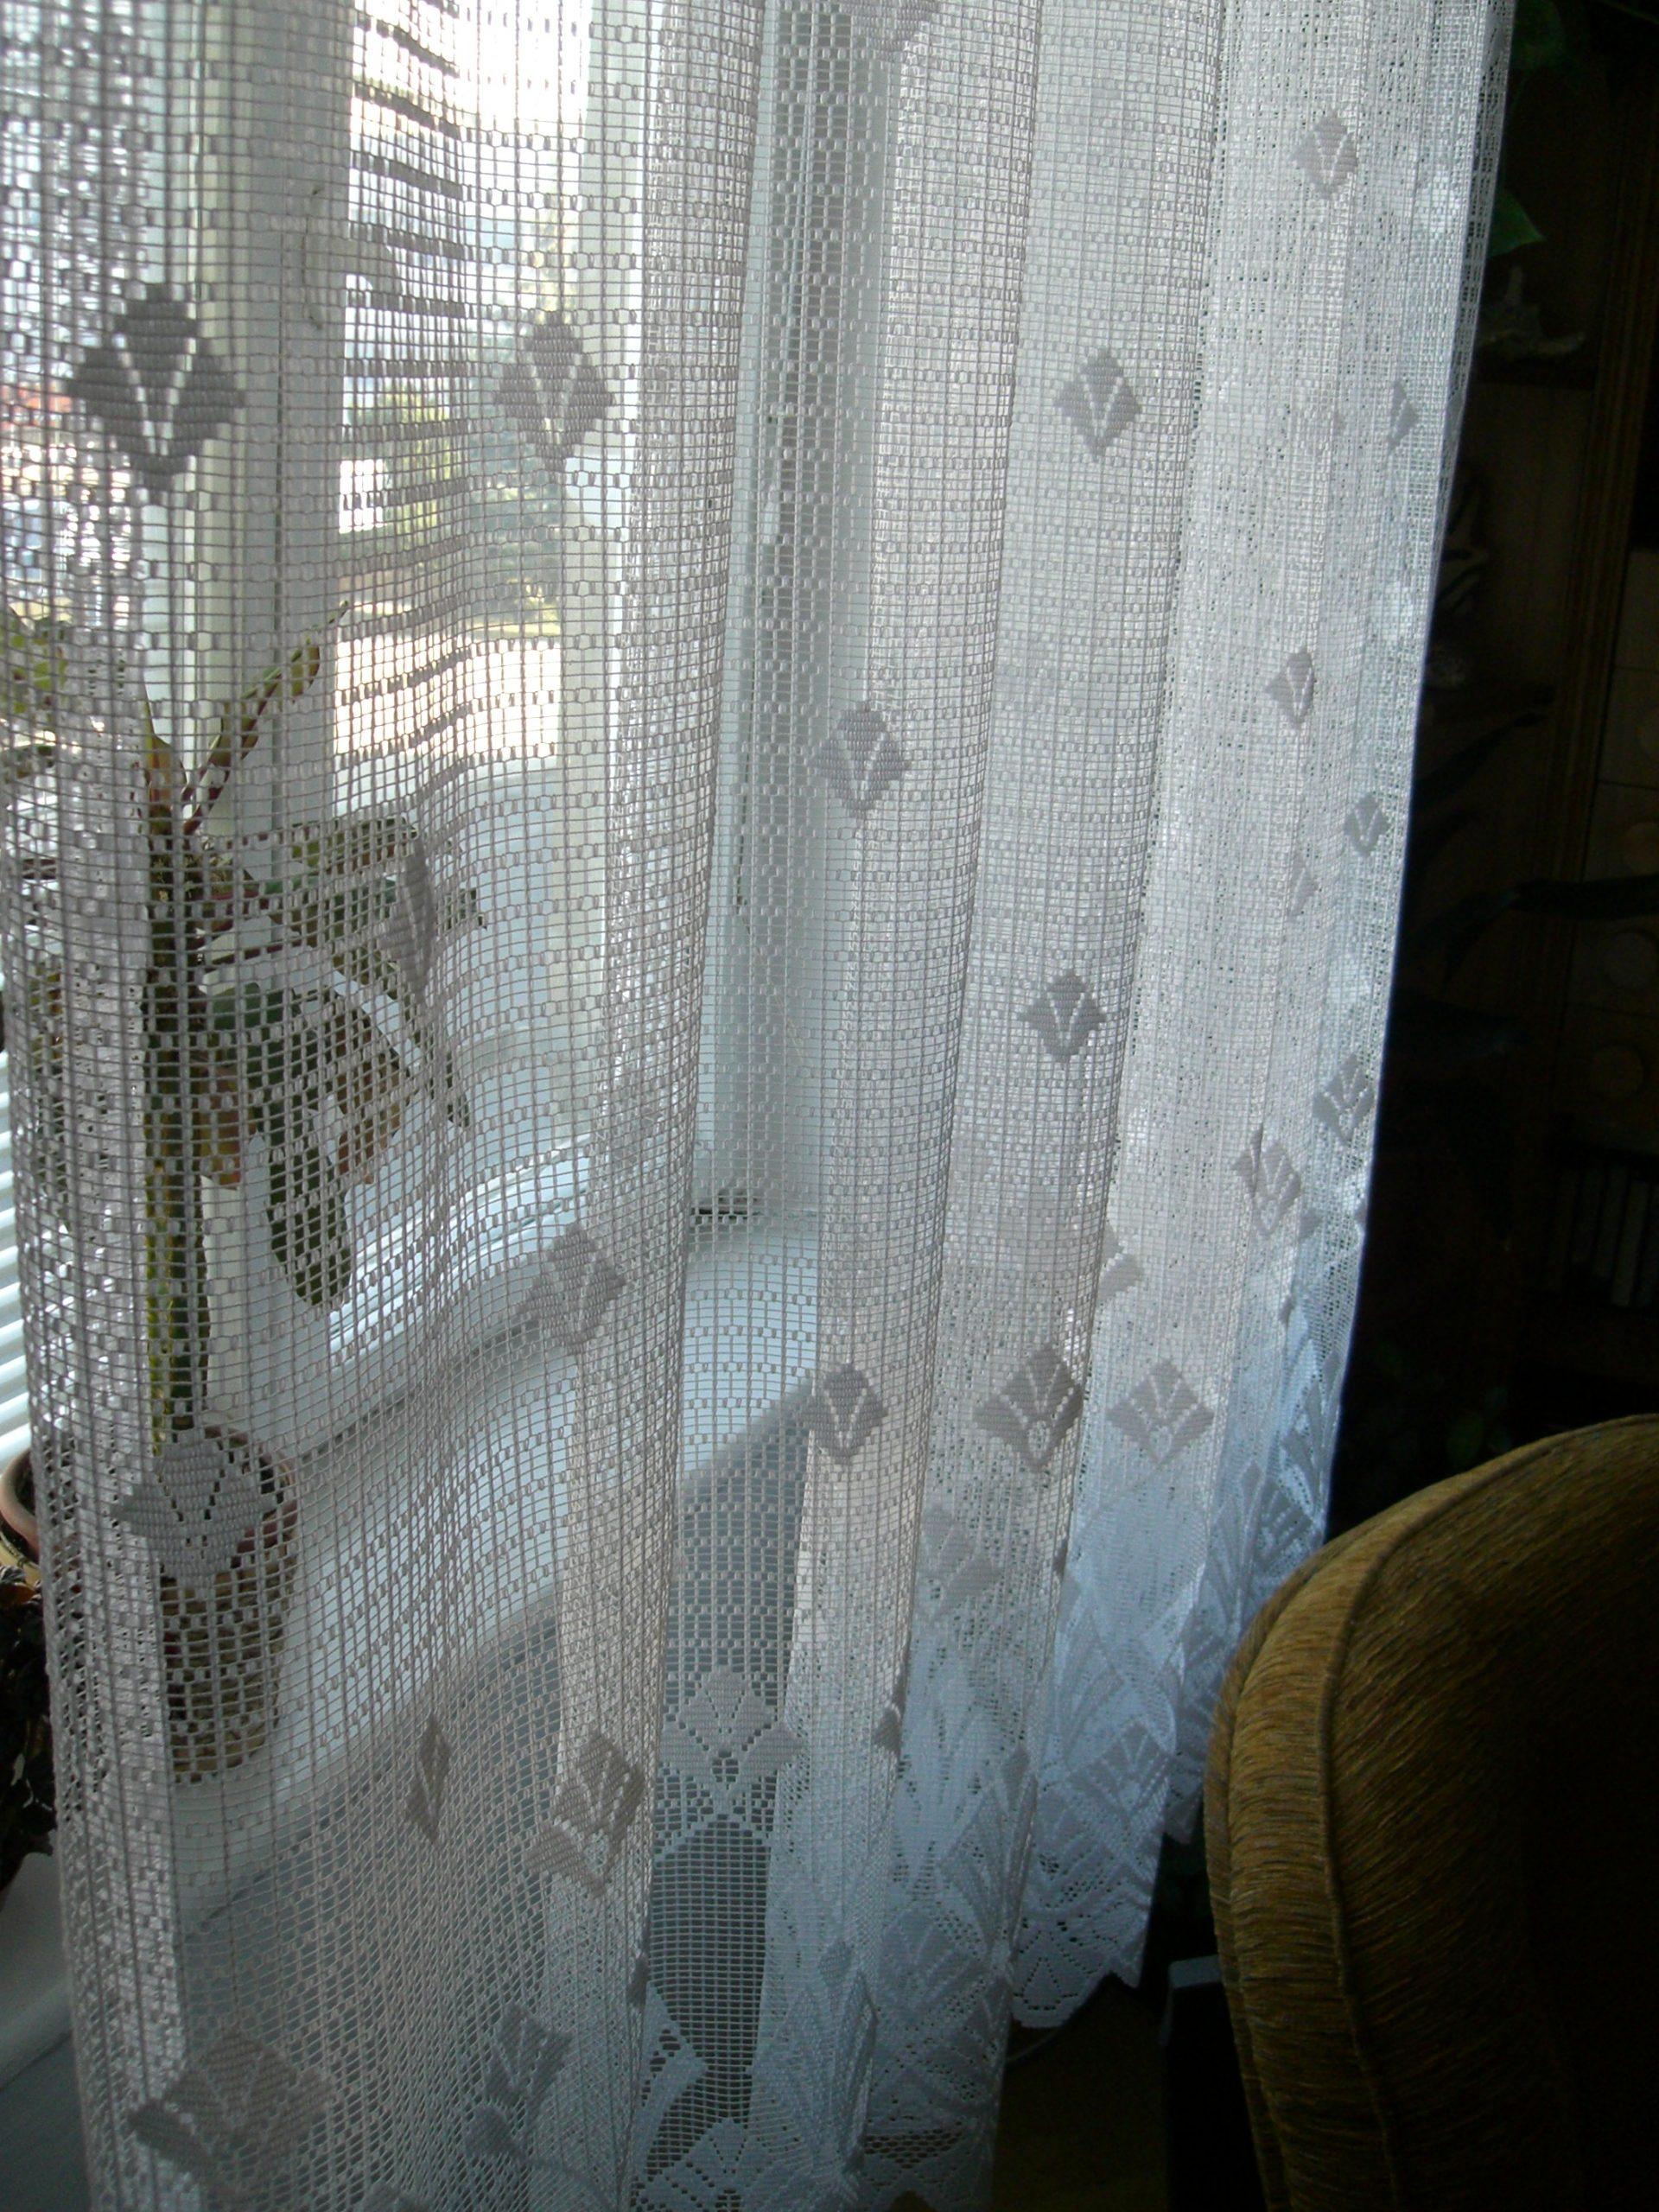 Full Size of Stores Fenster Store Wikipedia Sicherheitsbeschläge Nachrüsten Rollo Ebay Mit Eingebauten Sichtschutz Veka Preise Günstig Kaufen Einbruchsicher Obi Fenster Stores Fenster